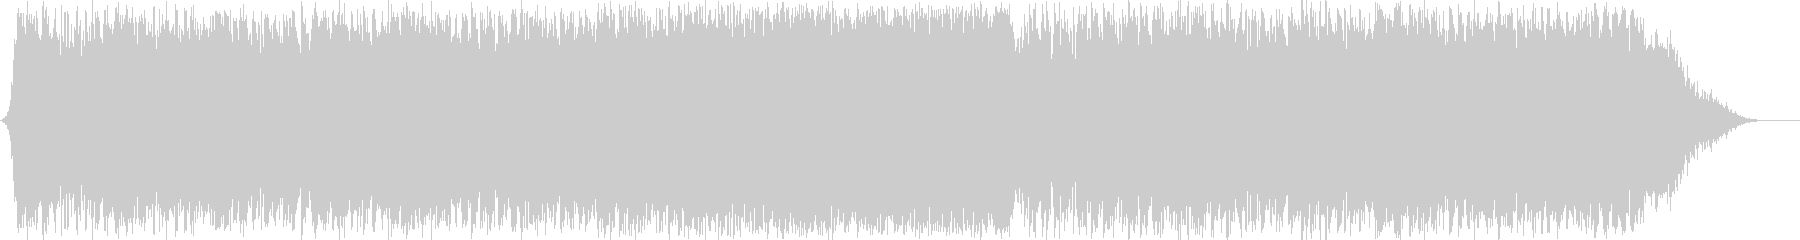 ダークファンタジーオーケストラ戦闘曲53の未再生の波形